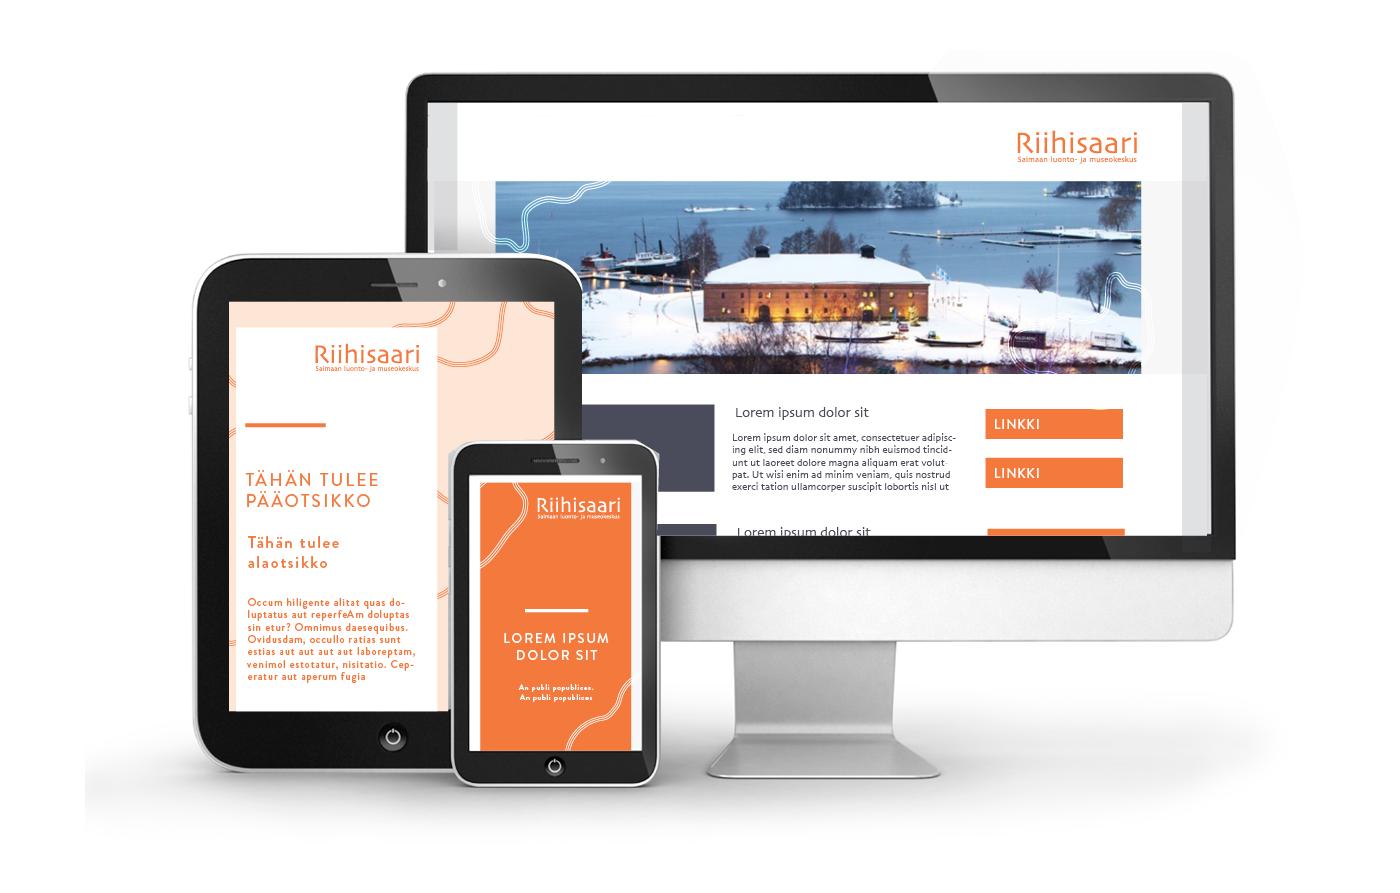 Työnäyte: Riihisaari - verkkosivujen graafinen suunnittelu